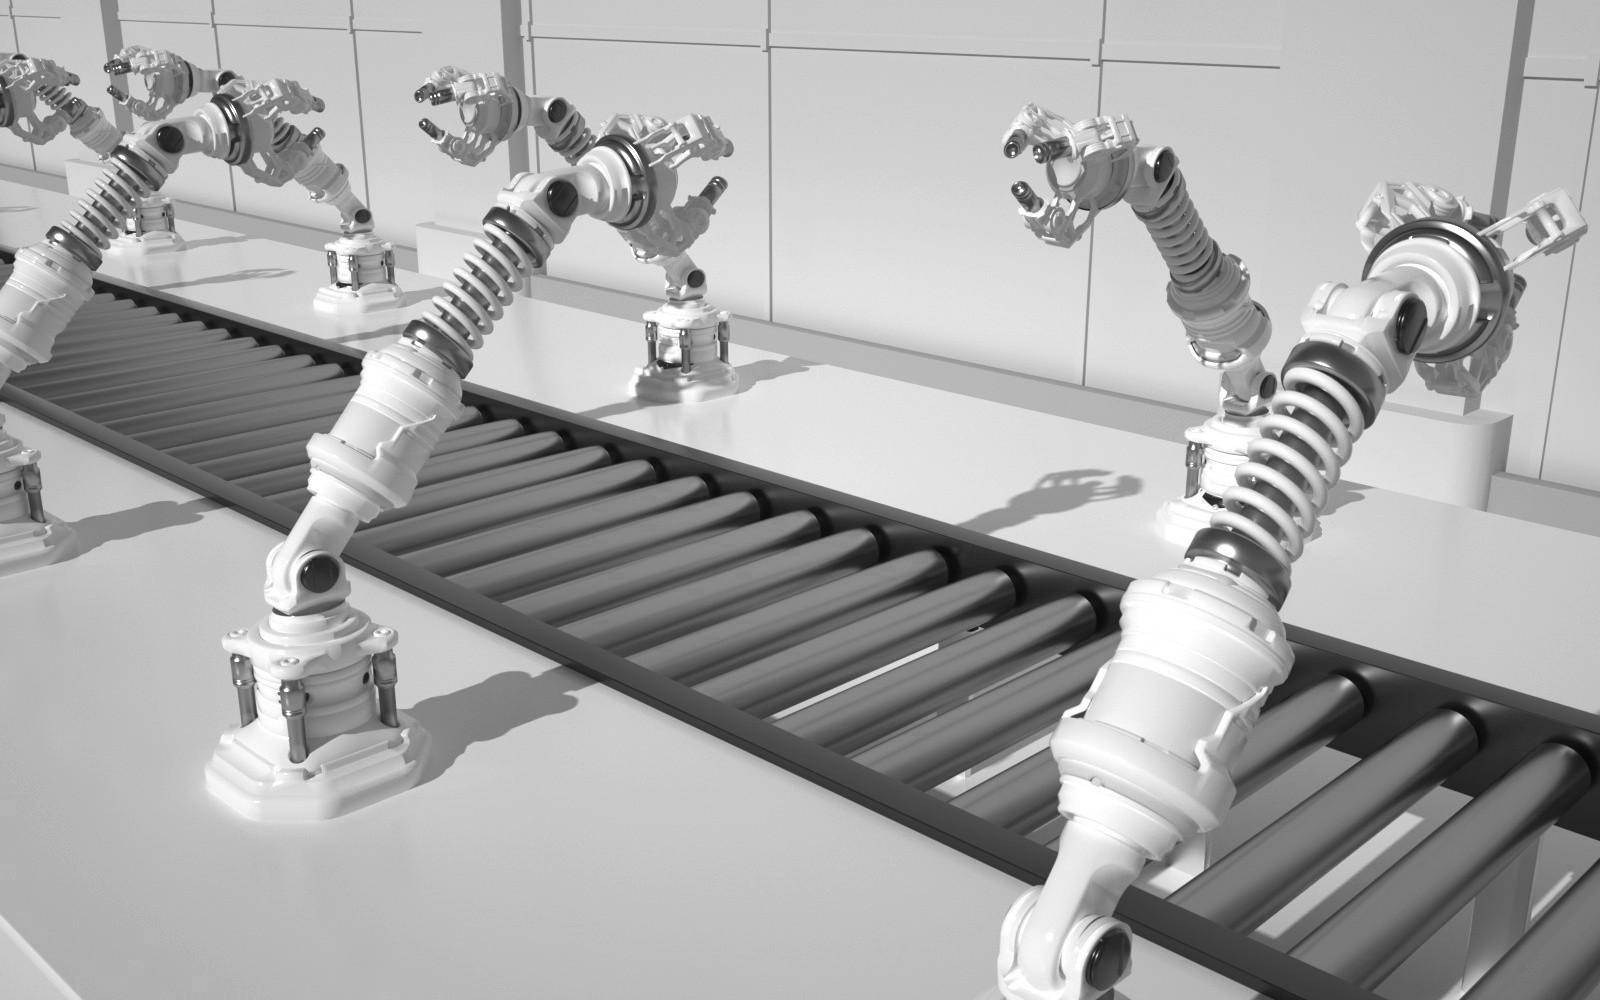 市场上行 工业机器人助推食品工业进入智能时代